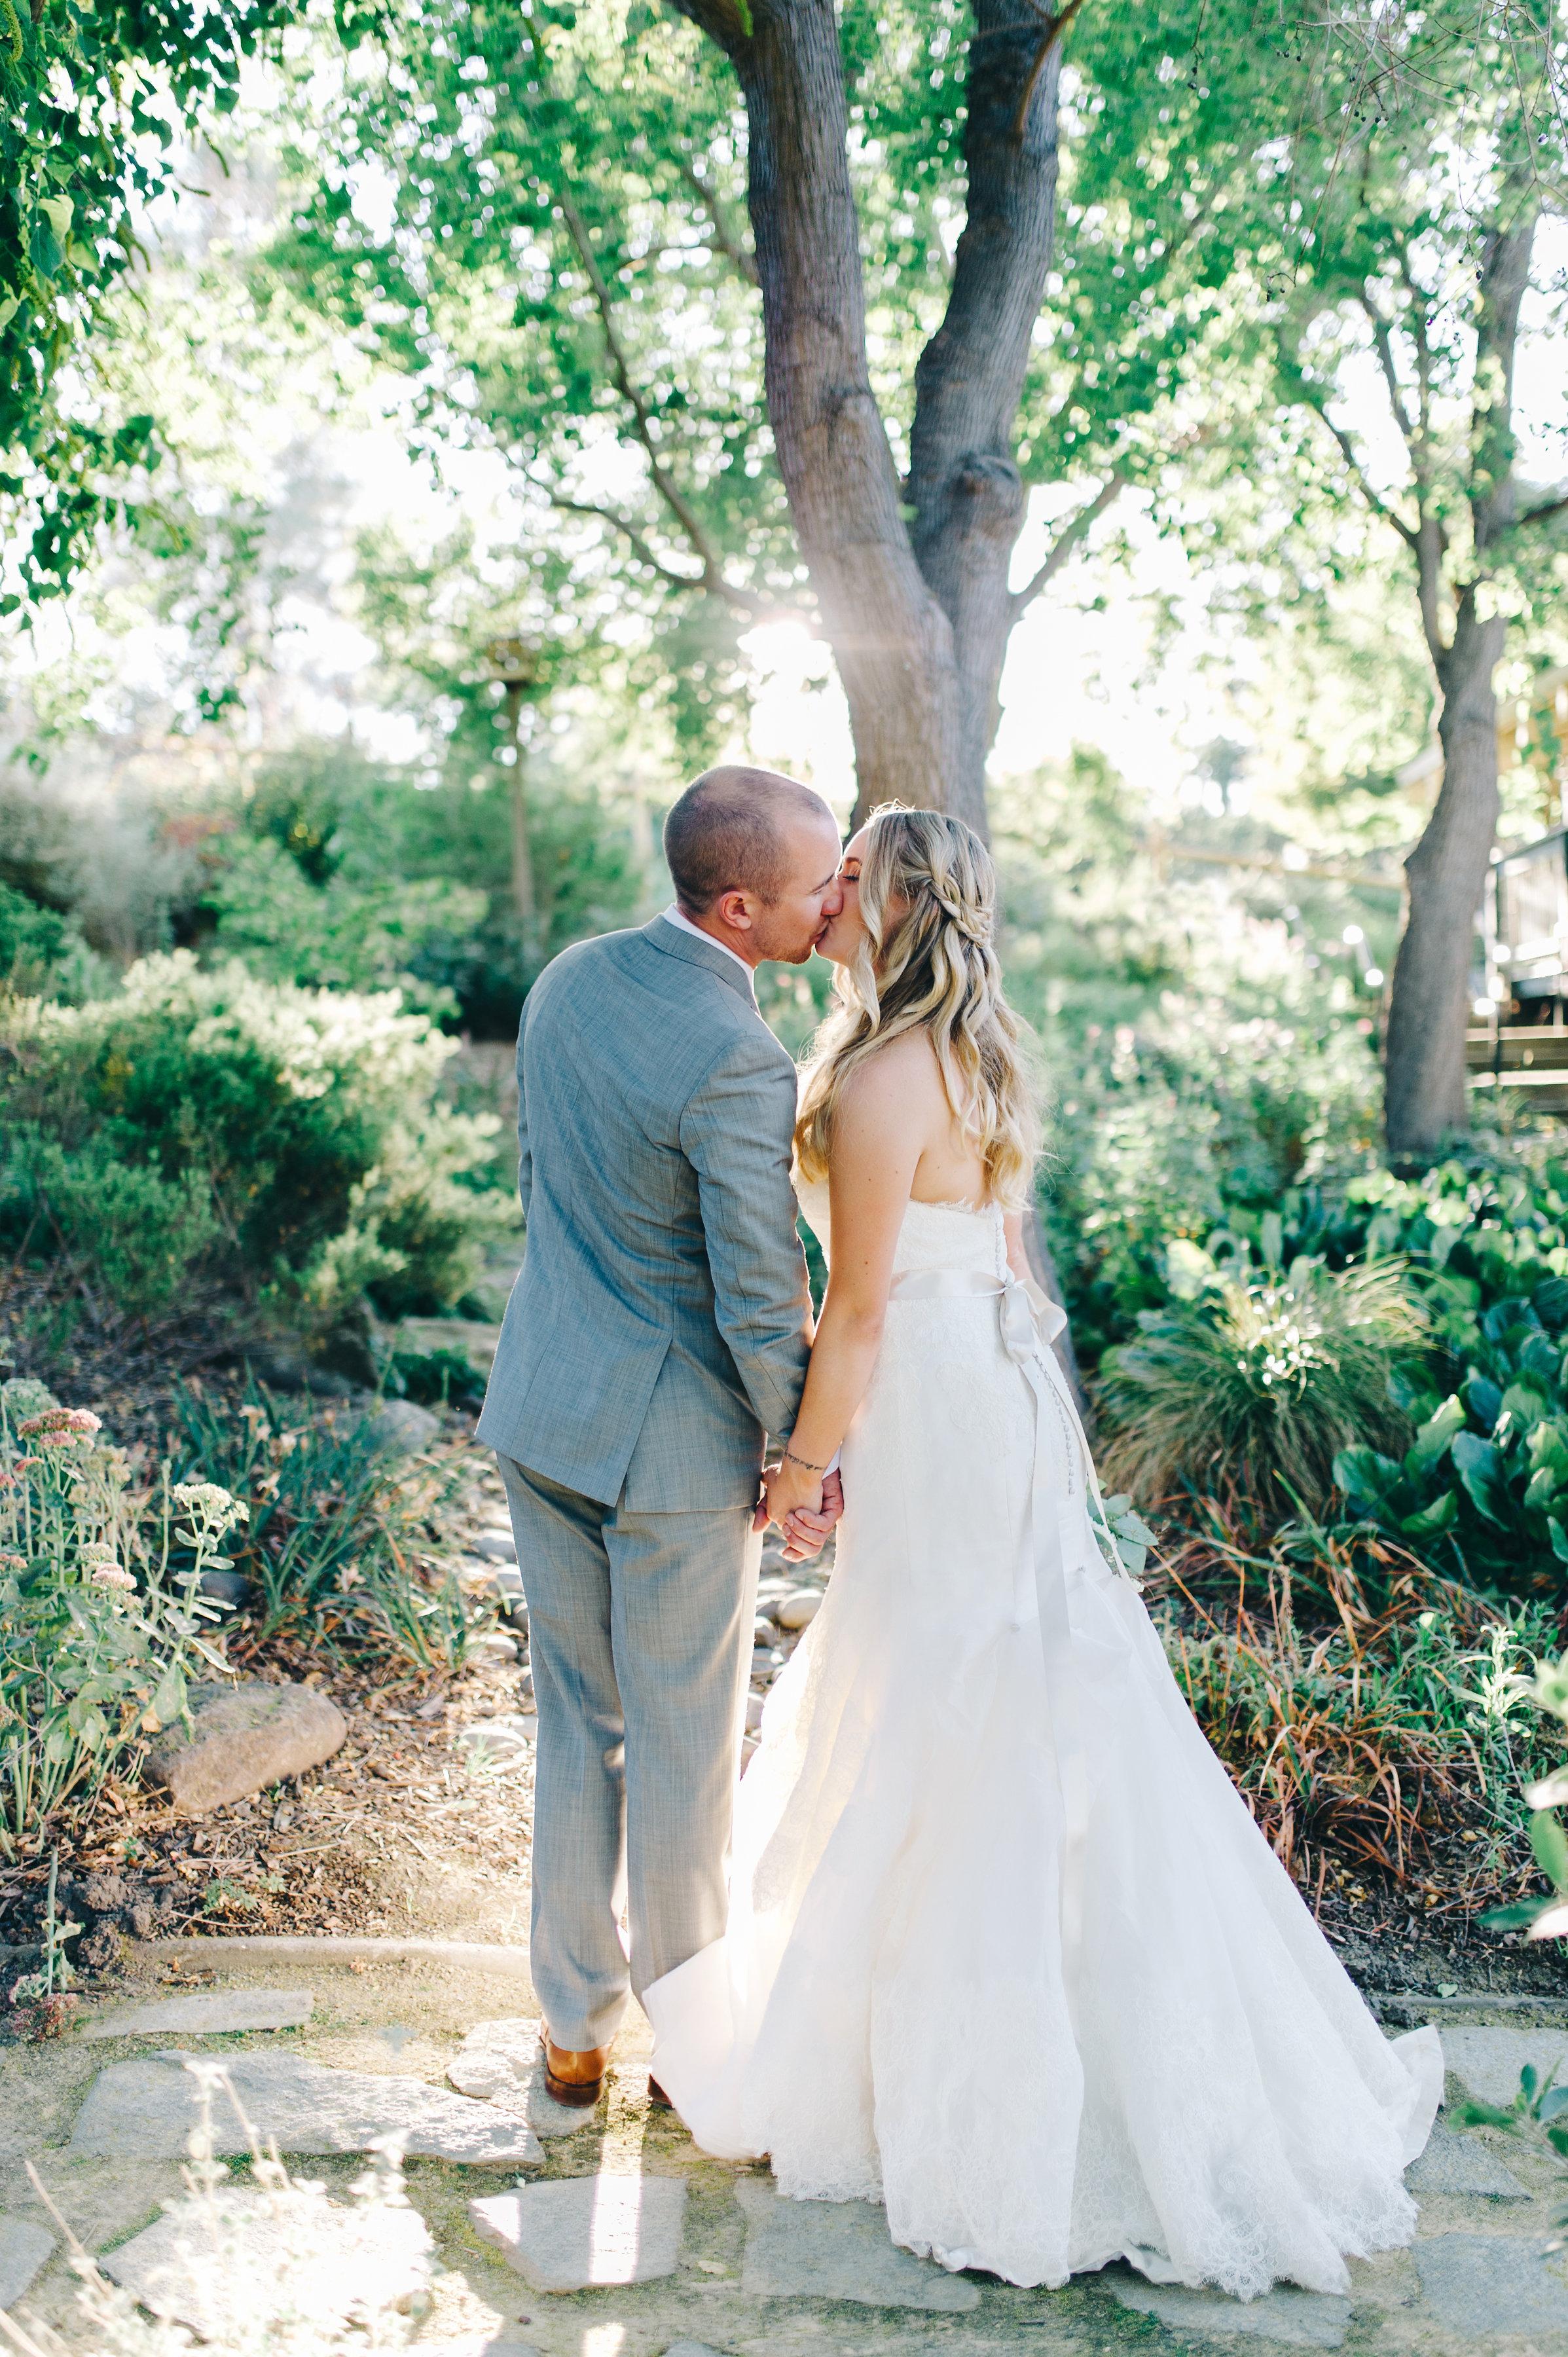 wedding, couple, bride, groom, garden, venue